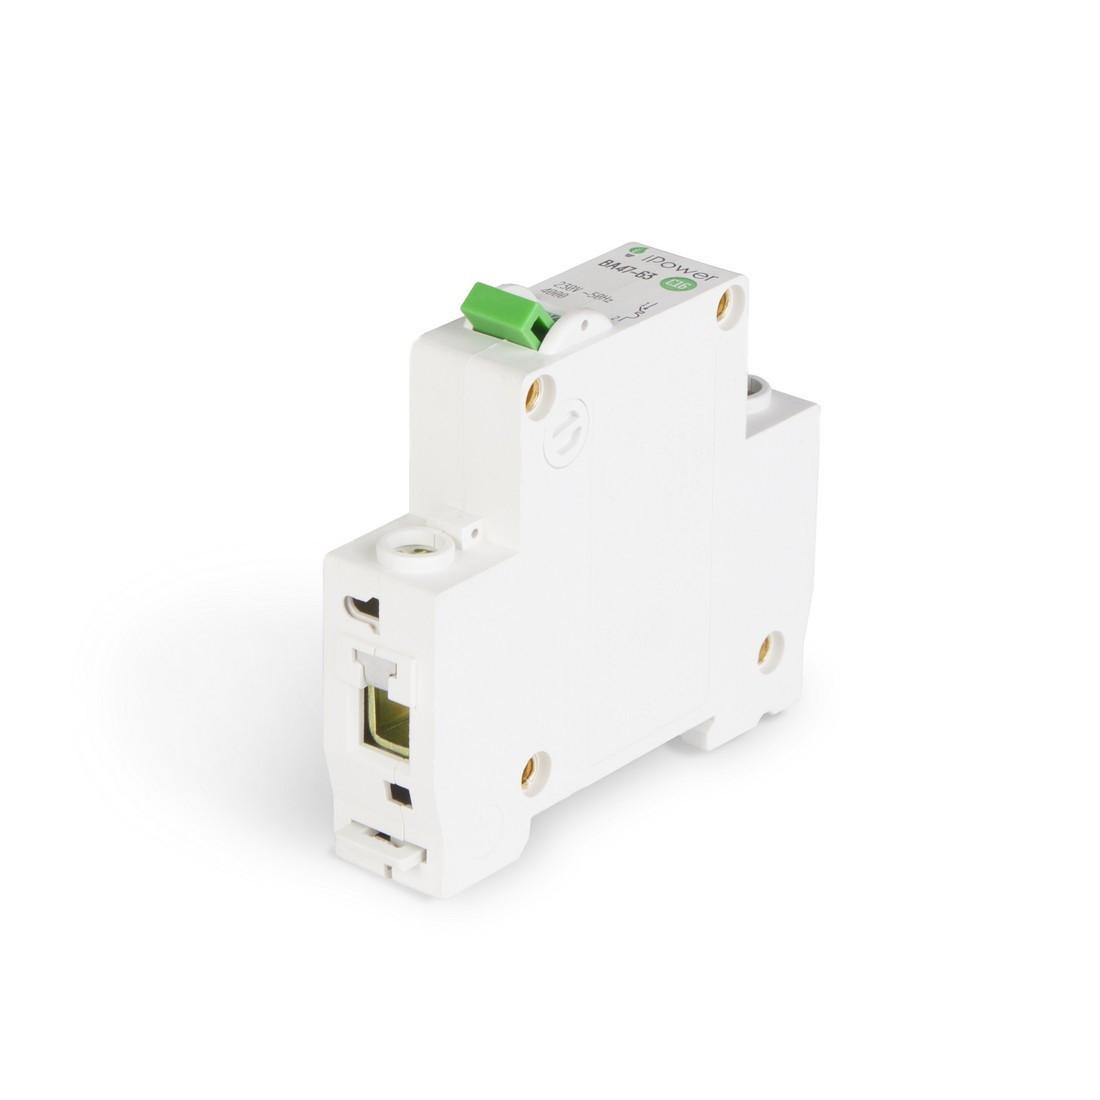 Автоматический выключатель реечный iPower ВА47-63 1P 10А, 230/400 В, Кол-во полюсов: 1, Предел отключения: 4,5